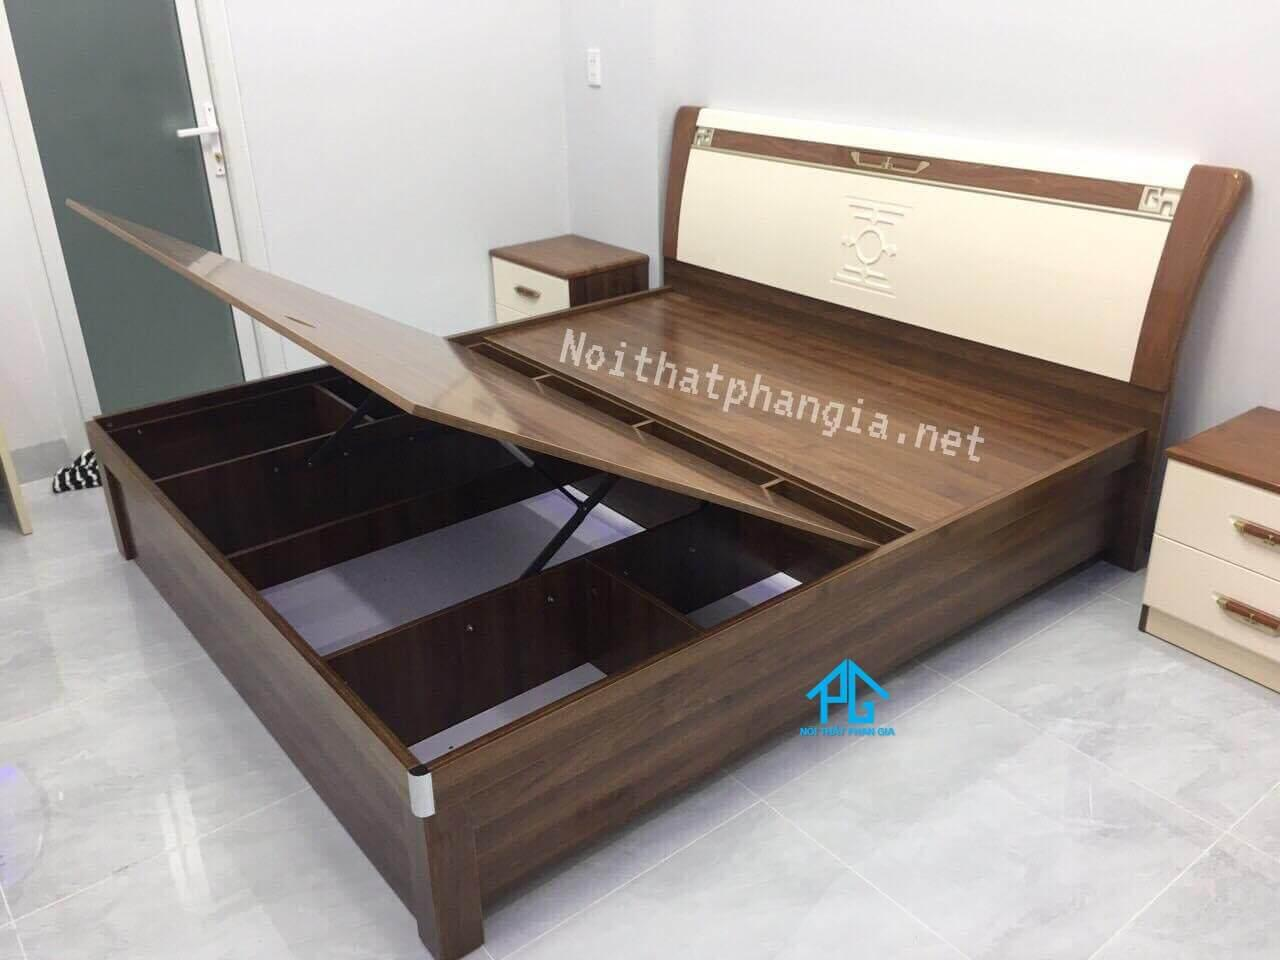 giường gỗ hộp tự nhiên;